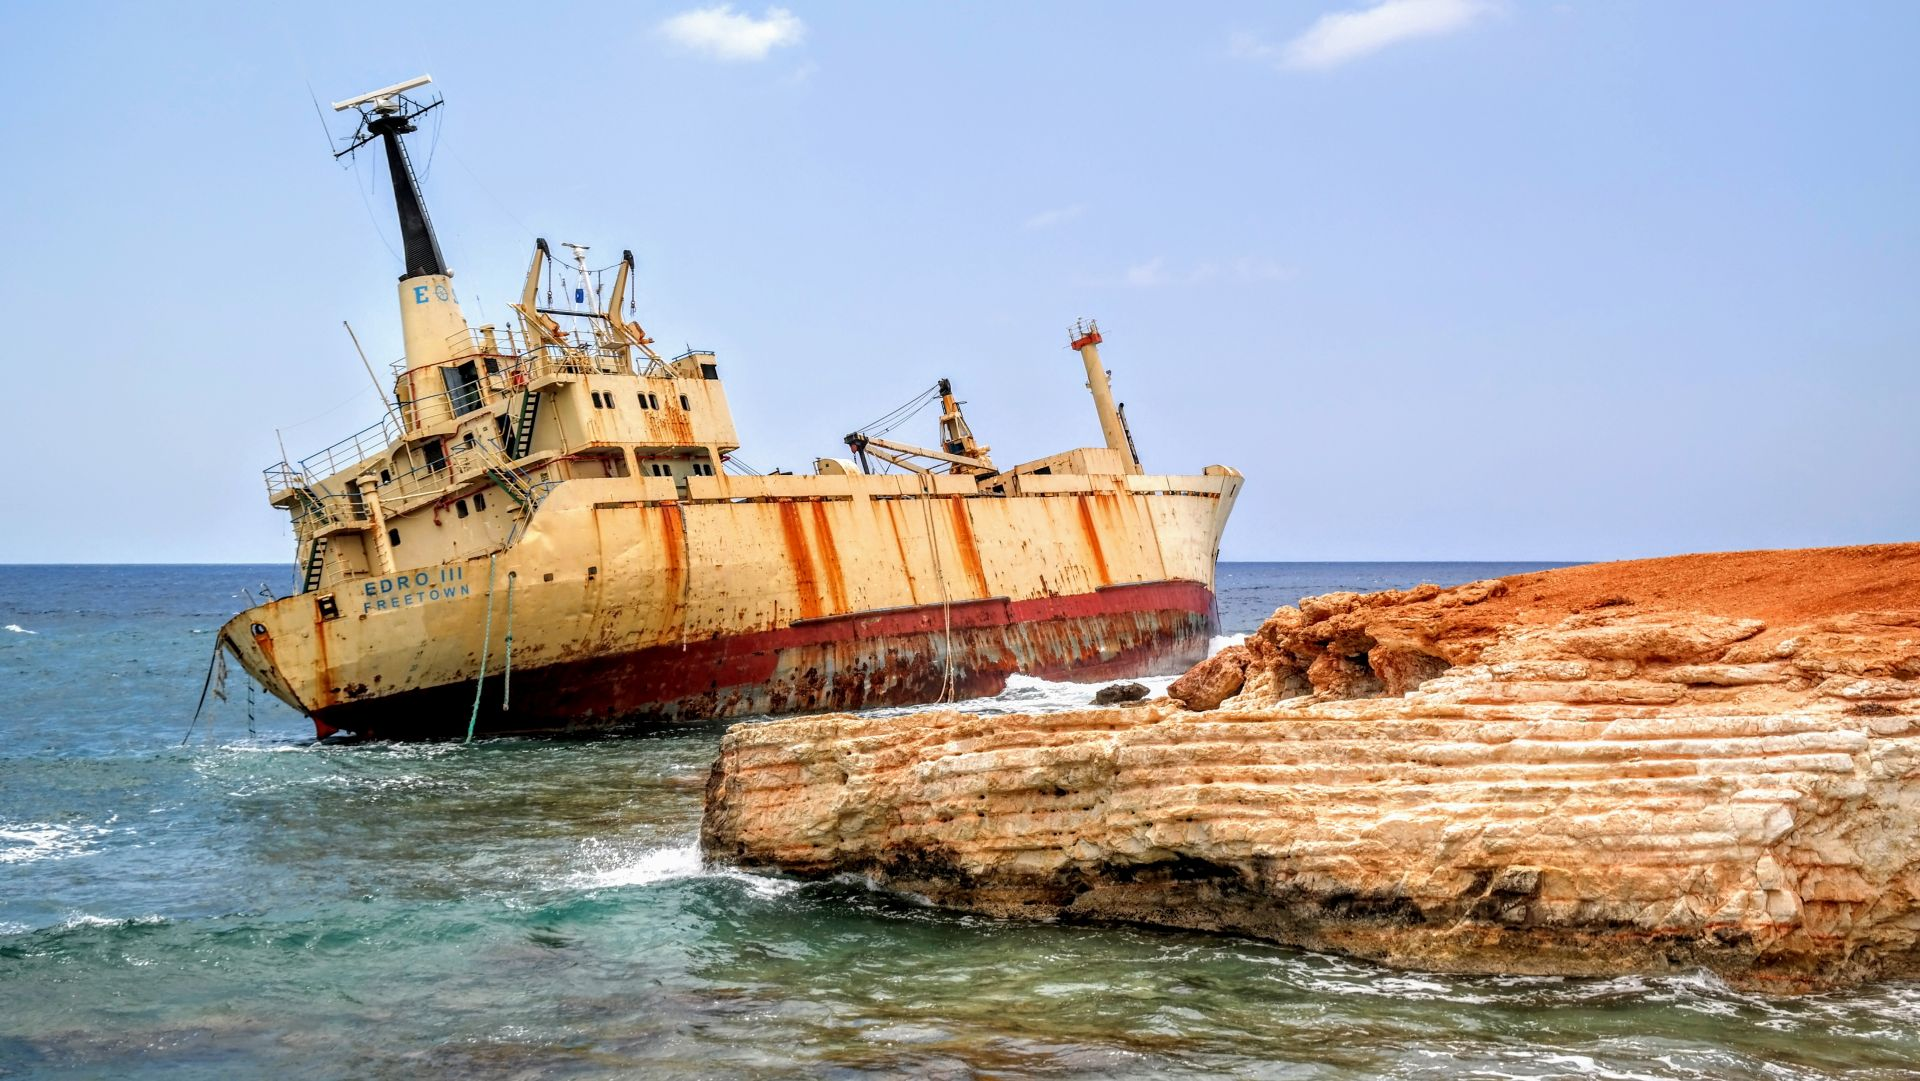 Cypr wrak statku Edro III